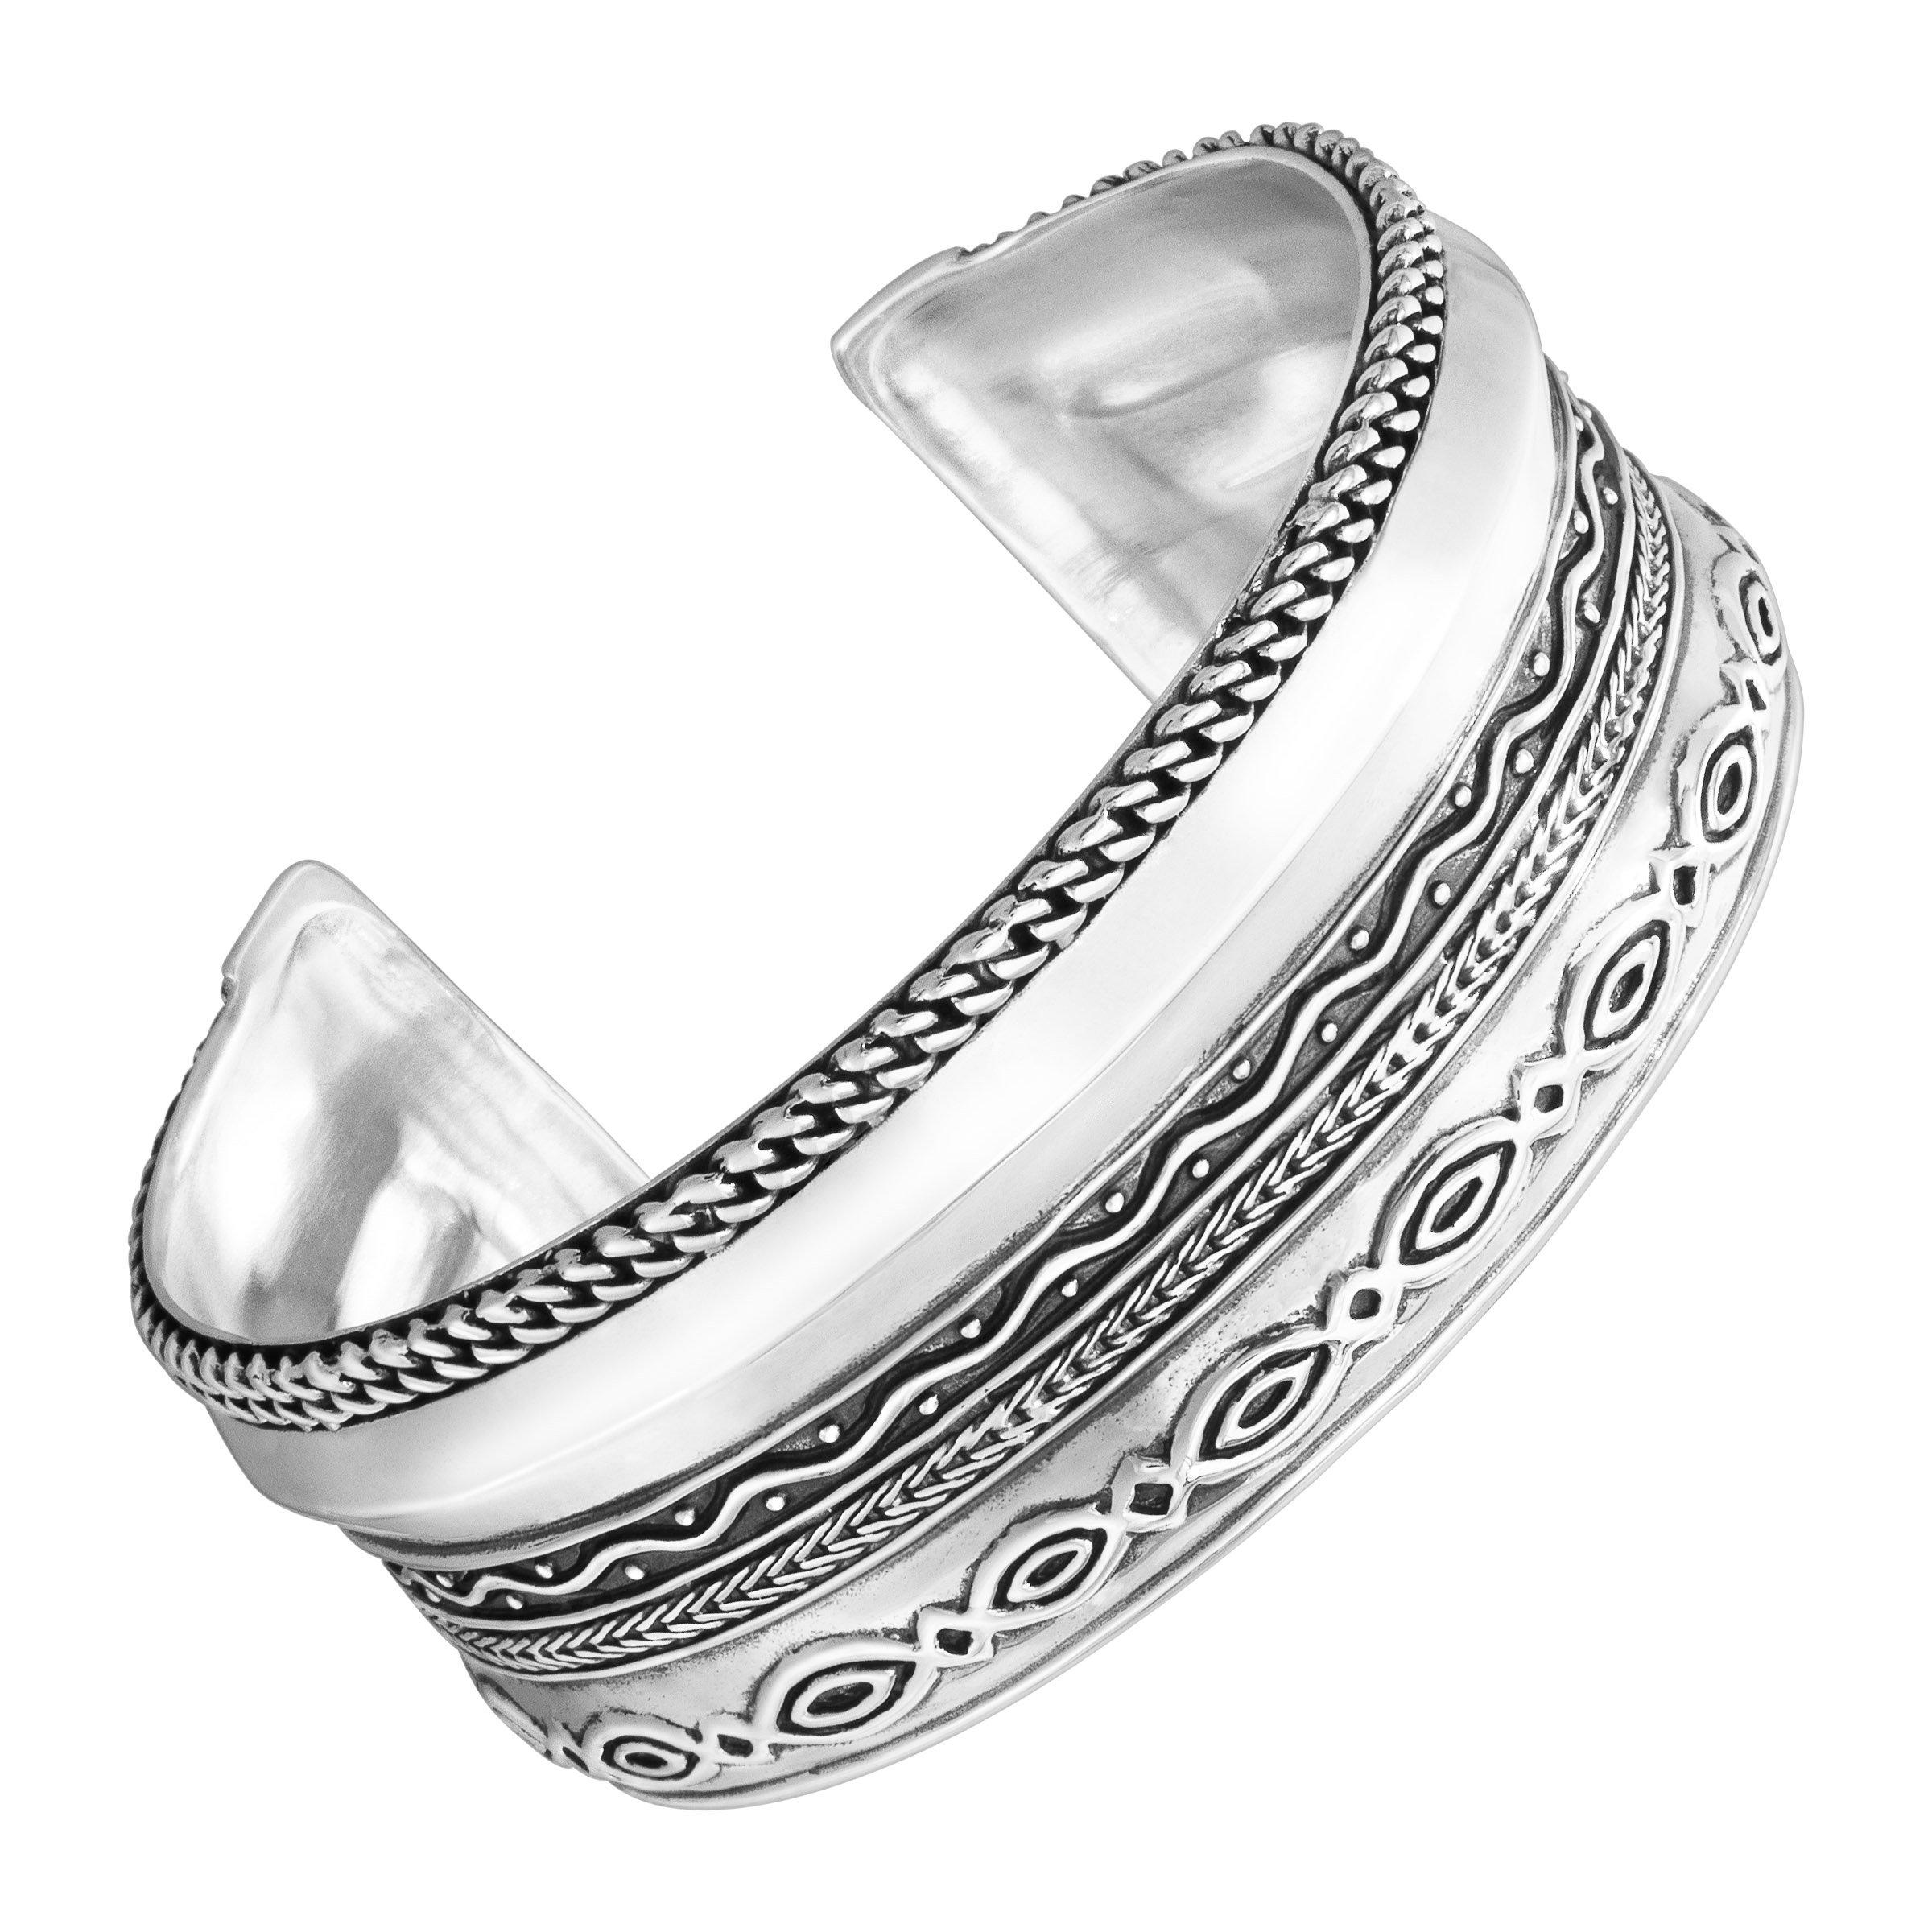 Silpada 'Multi Pattern' Sterling Silver Cuff Bracelet, 6.75''